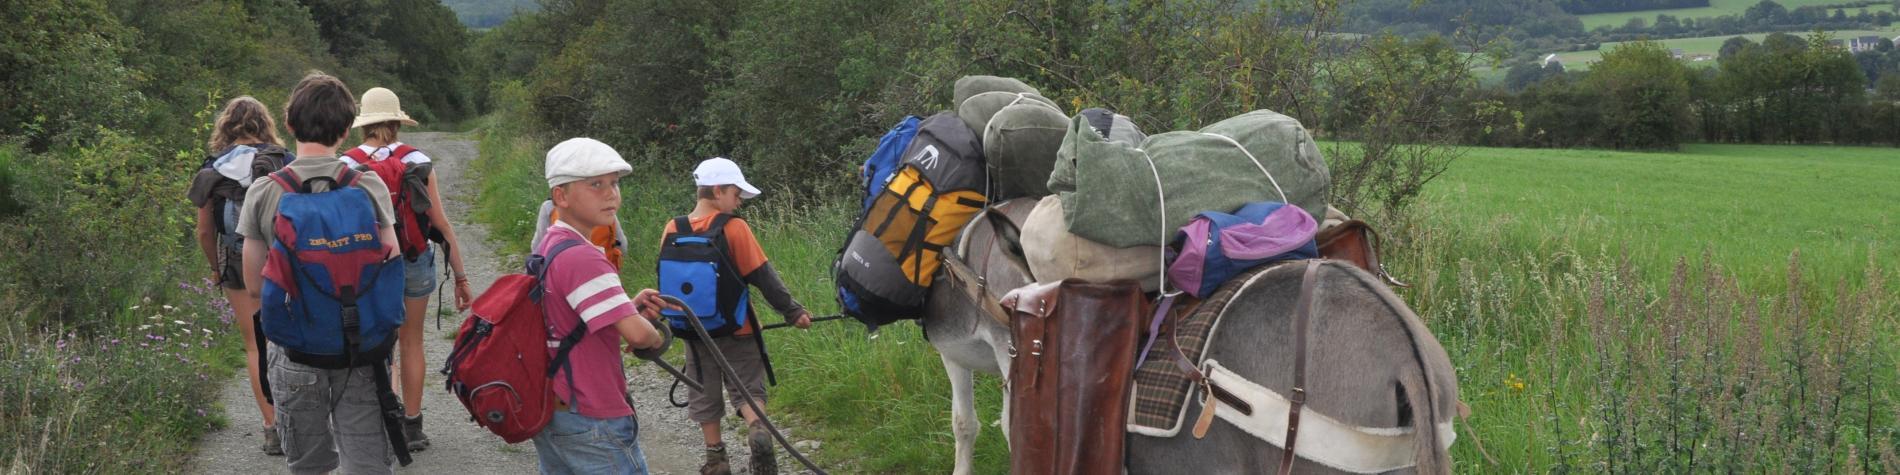 Les Balad'ânes de l'Hermeton - Sautour